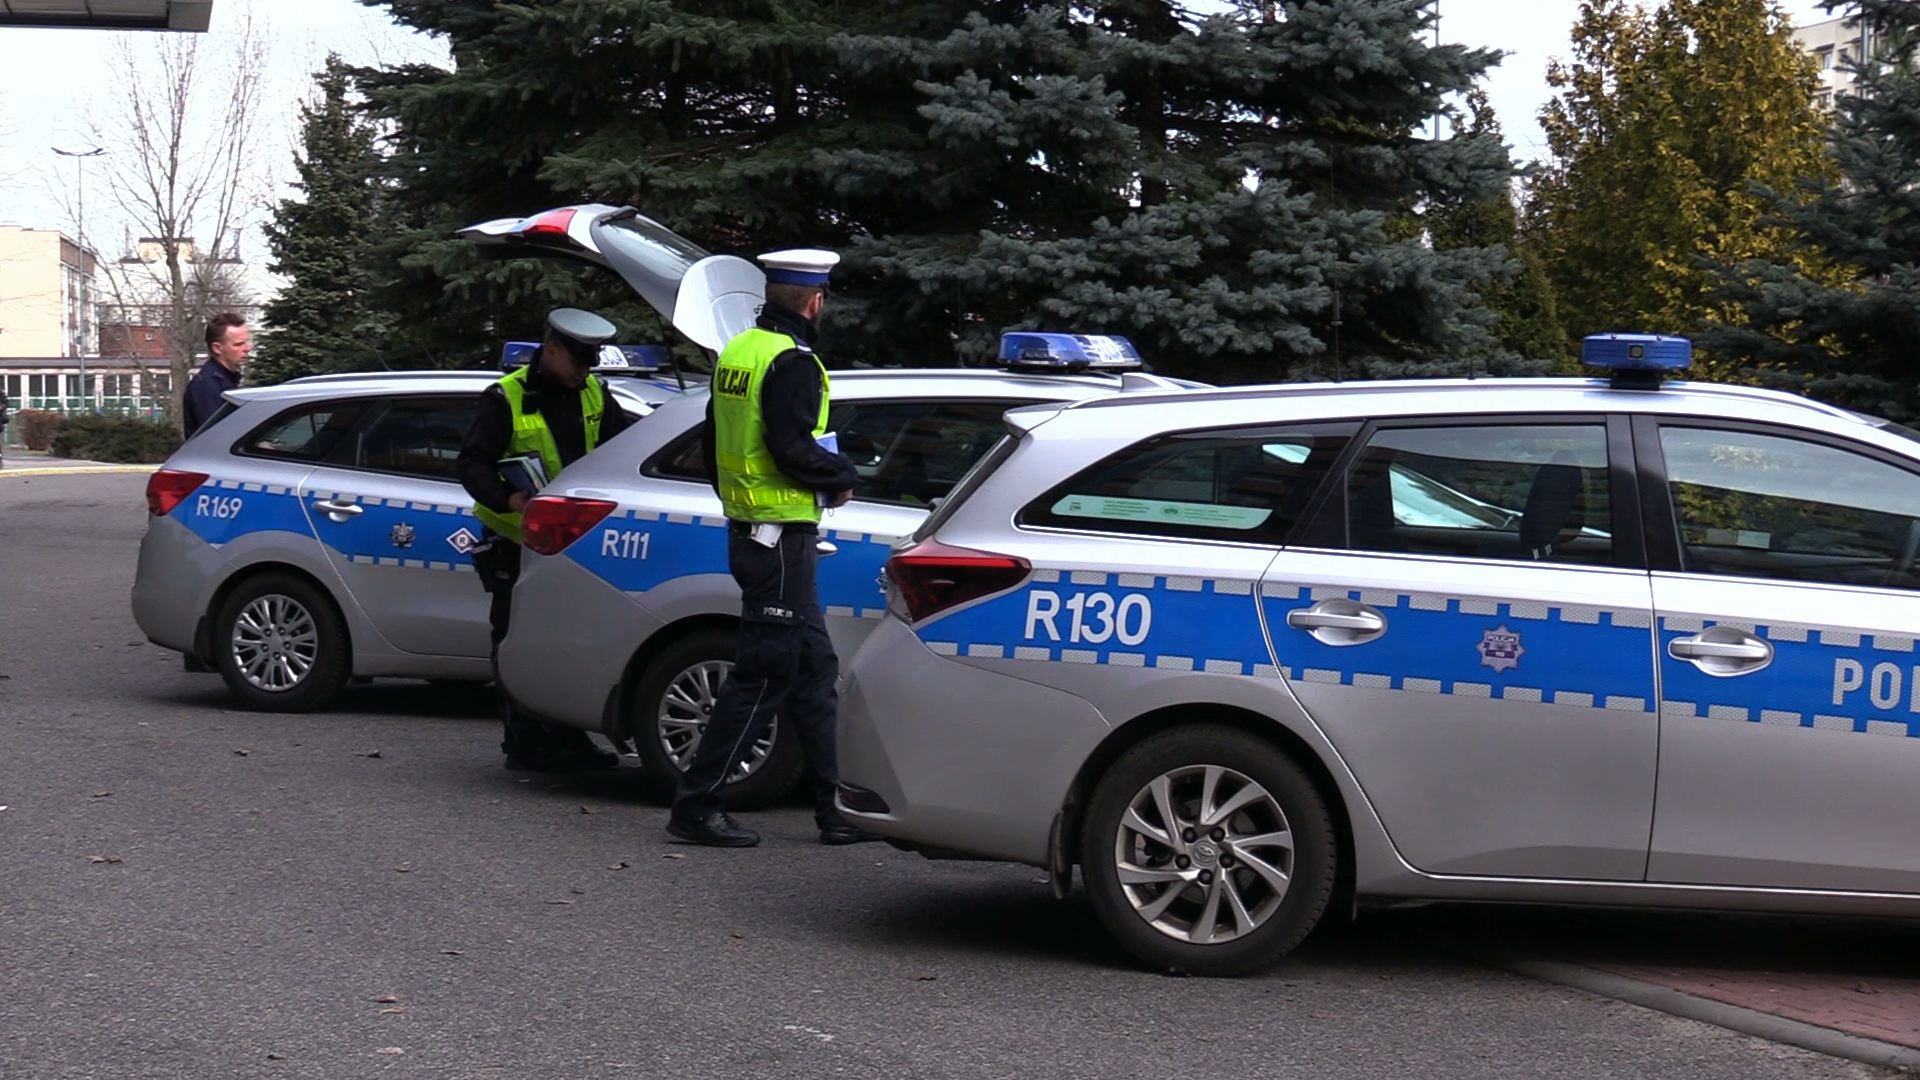 Jaworzno: Policjanci po służbie zatrzymali pijanych kierowców